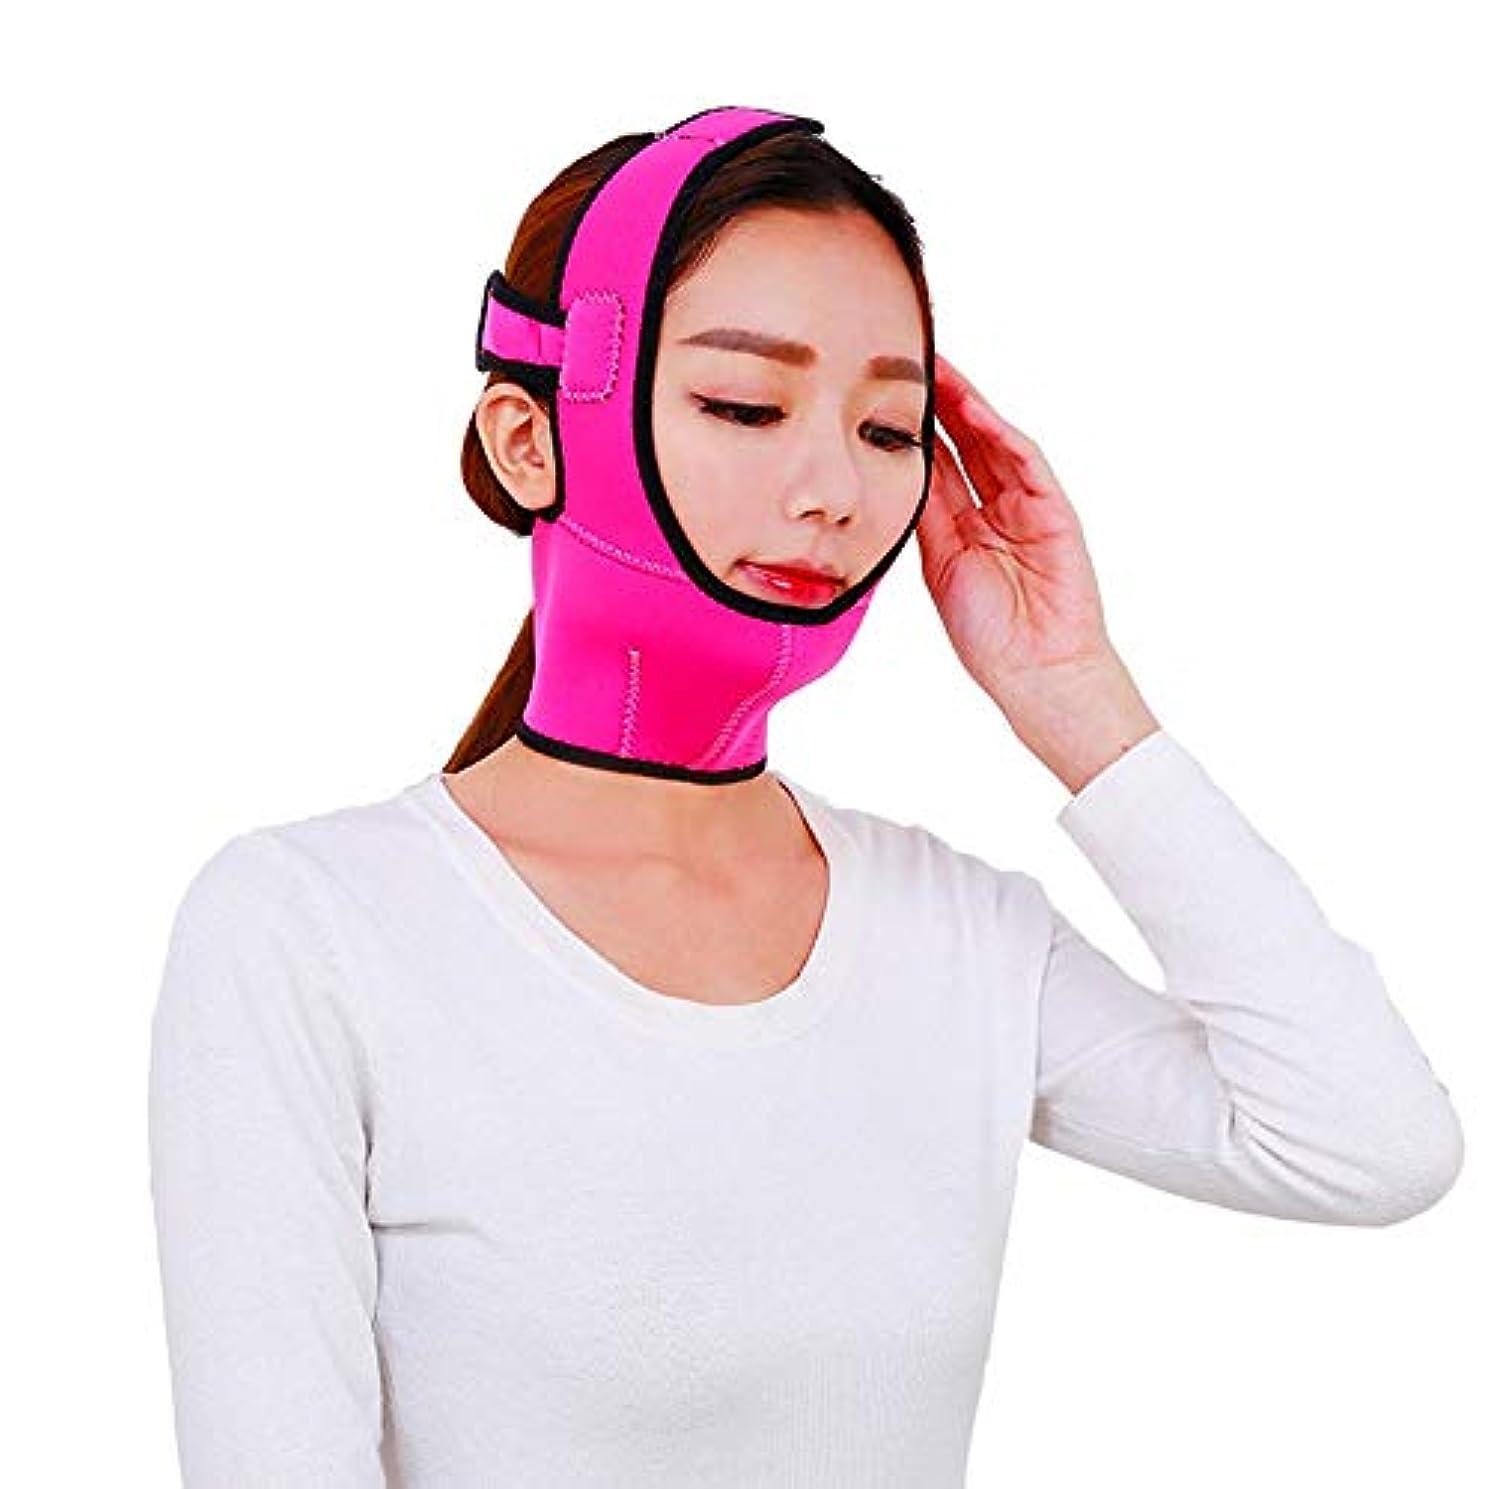 GYZ フェイシャルリフティング痩身ベルト - 薄いフェイス包帯フェイスマスクベルトフリーフェイシャルマッサージ整形マスクダブルチンワークアウト Thin Face Belt